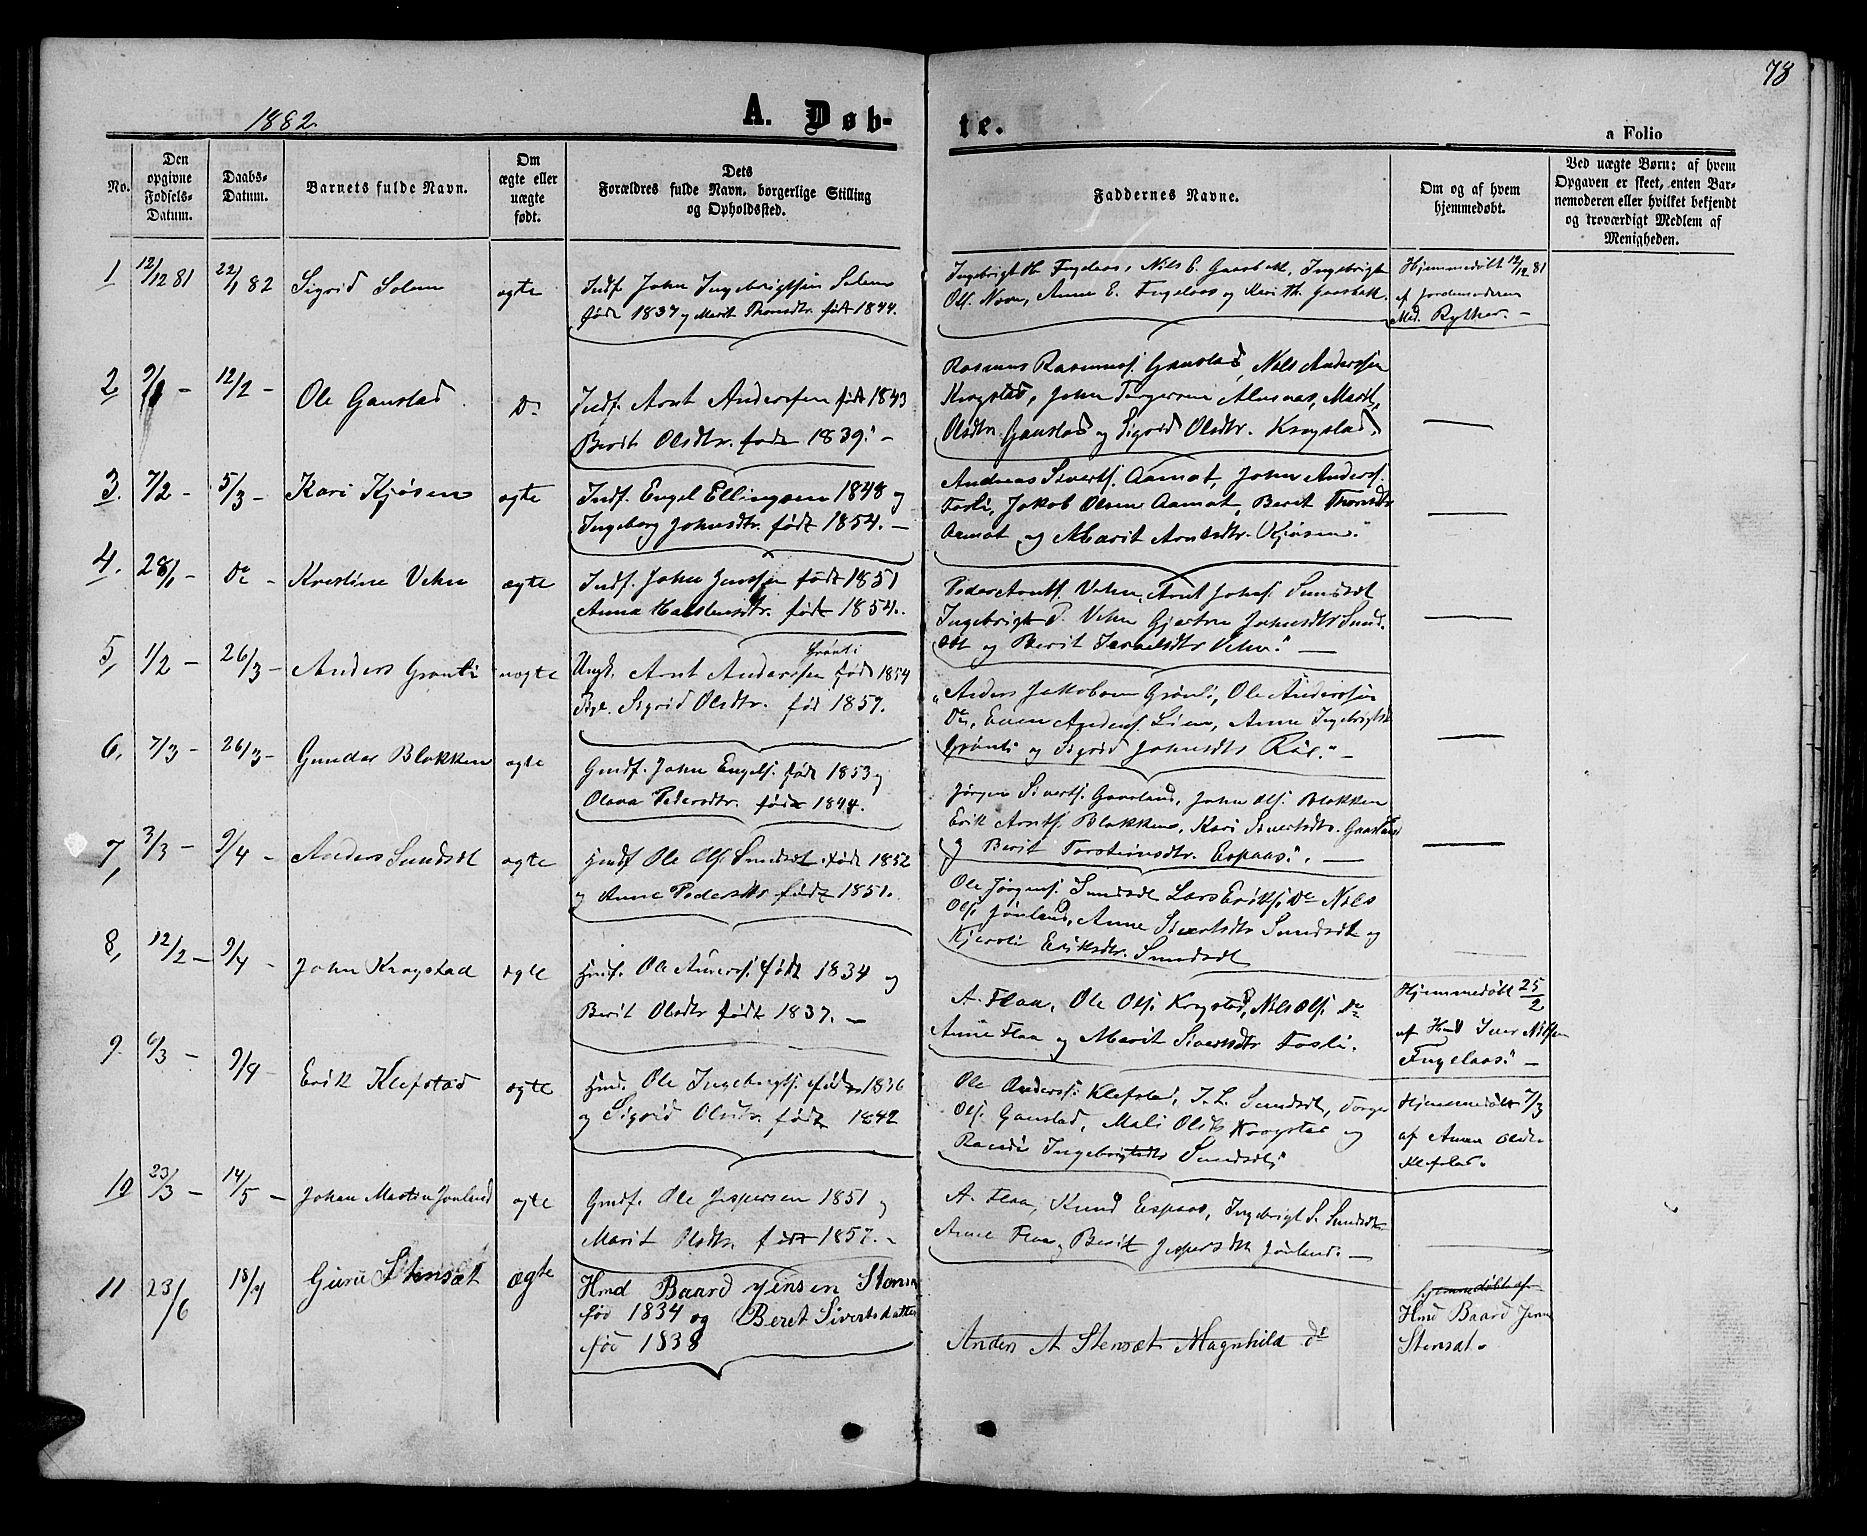 SAT, Ministerialprotokoller, klokkerbøker og fødselsregistre - Sør-Trøndelag, 694/L1131: Klokkerbok nr. 694C03, 1858-1886, s. 78